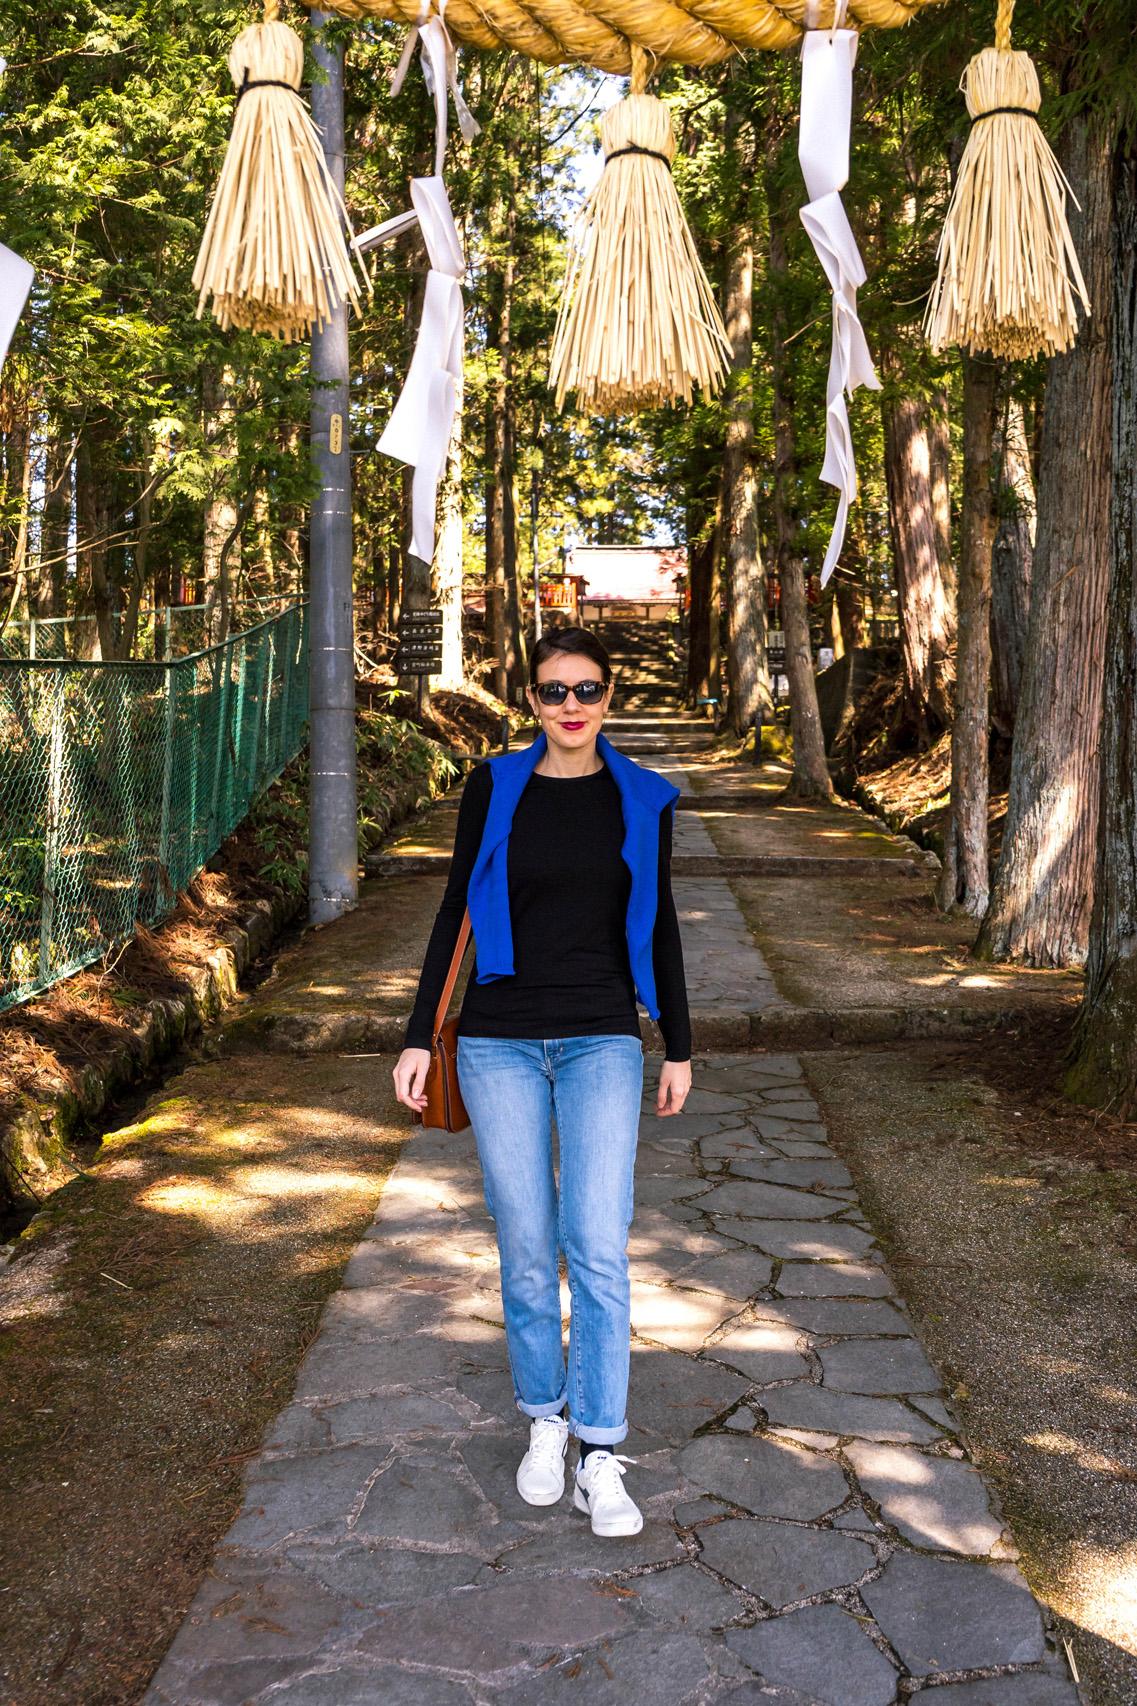 Discovering shrines of Takayama